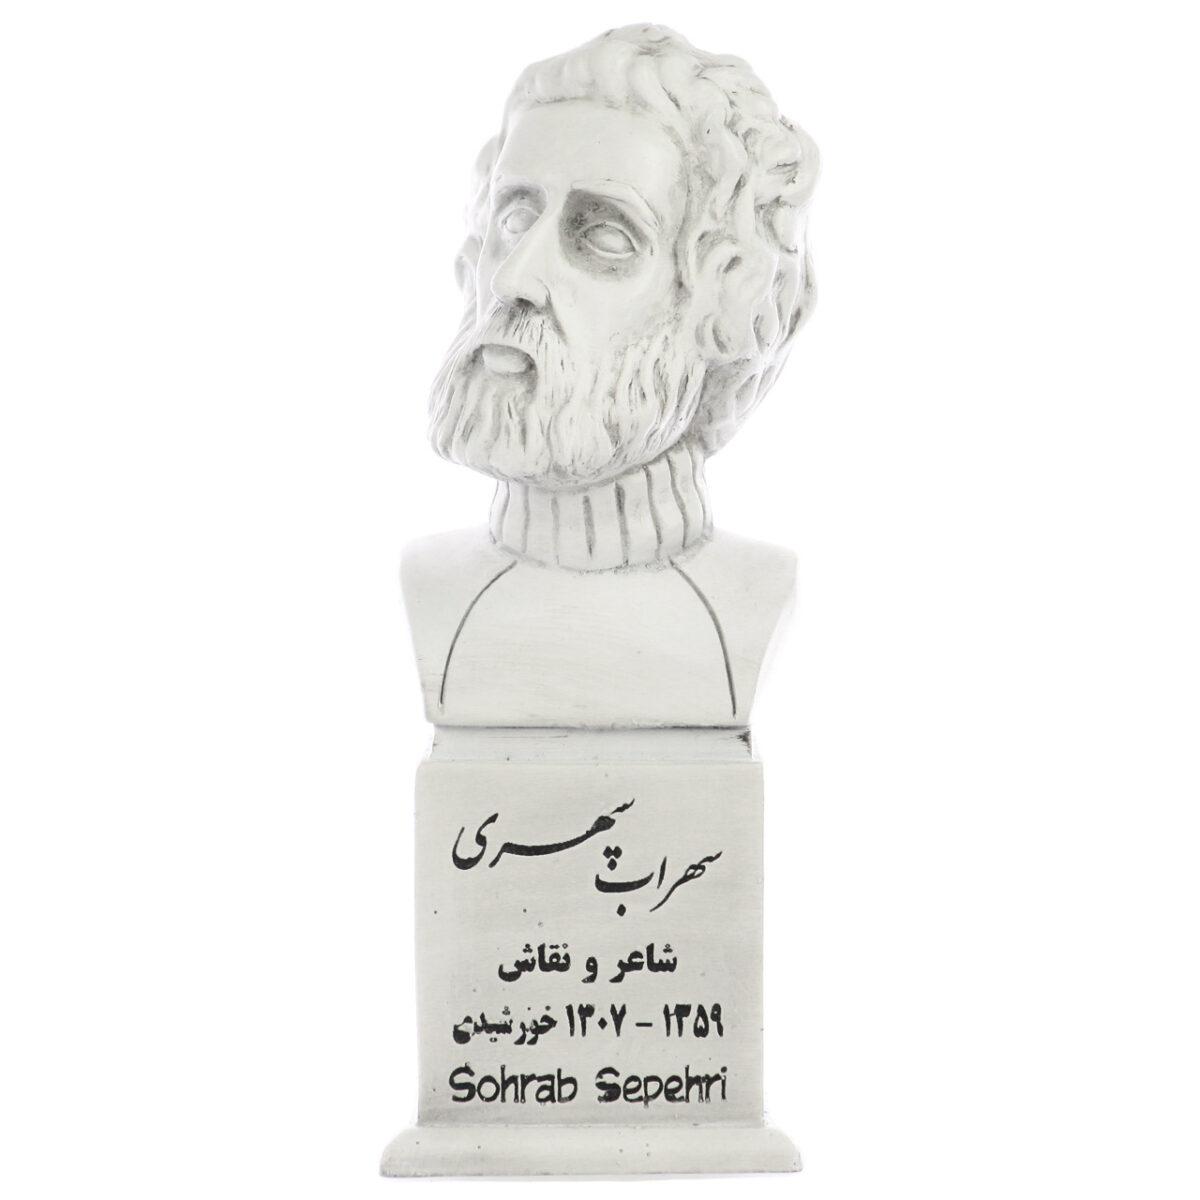 sohrab sepehri s 1200x1200 - سردیس سهراب سپهری